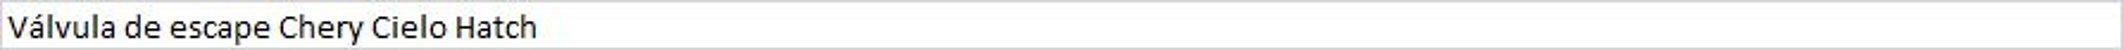 Válvula de escape Chery Cielo Hatch - Imagem 1